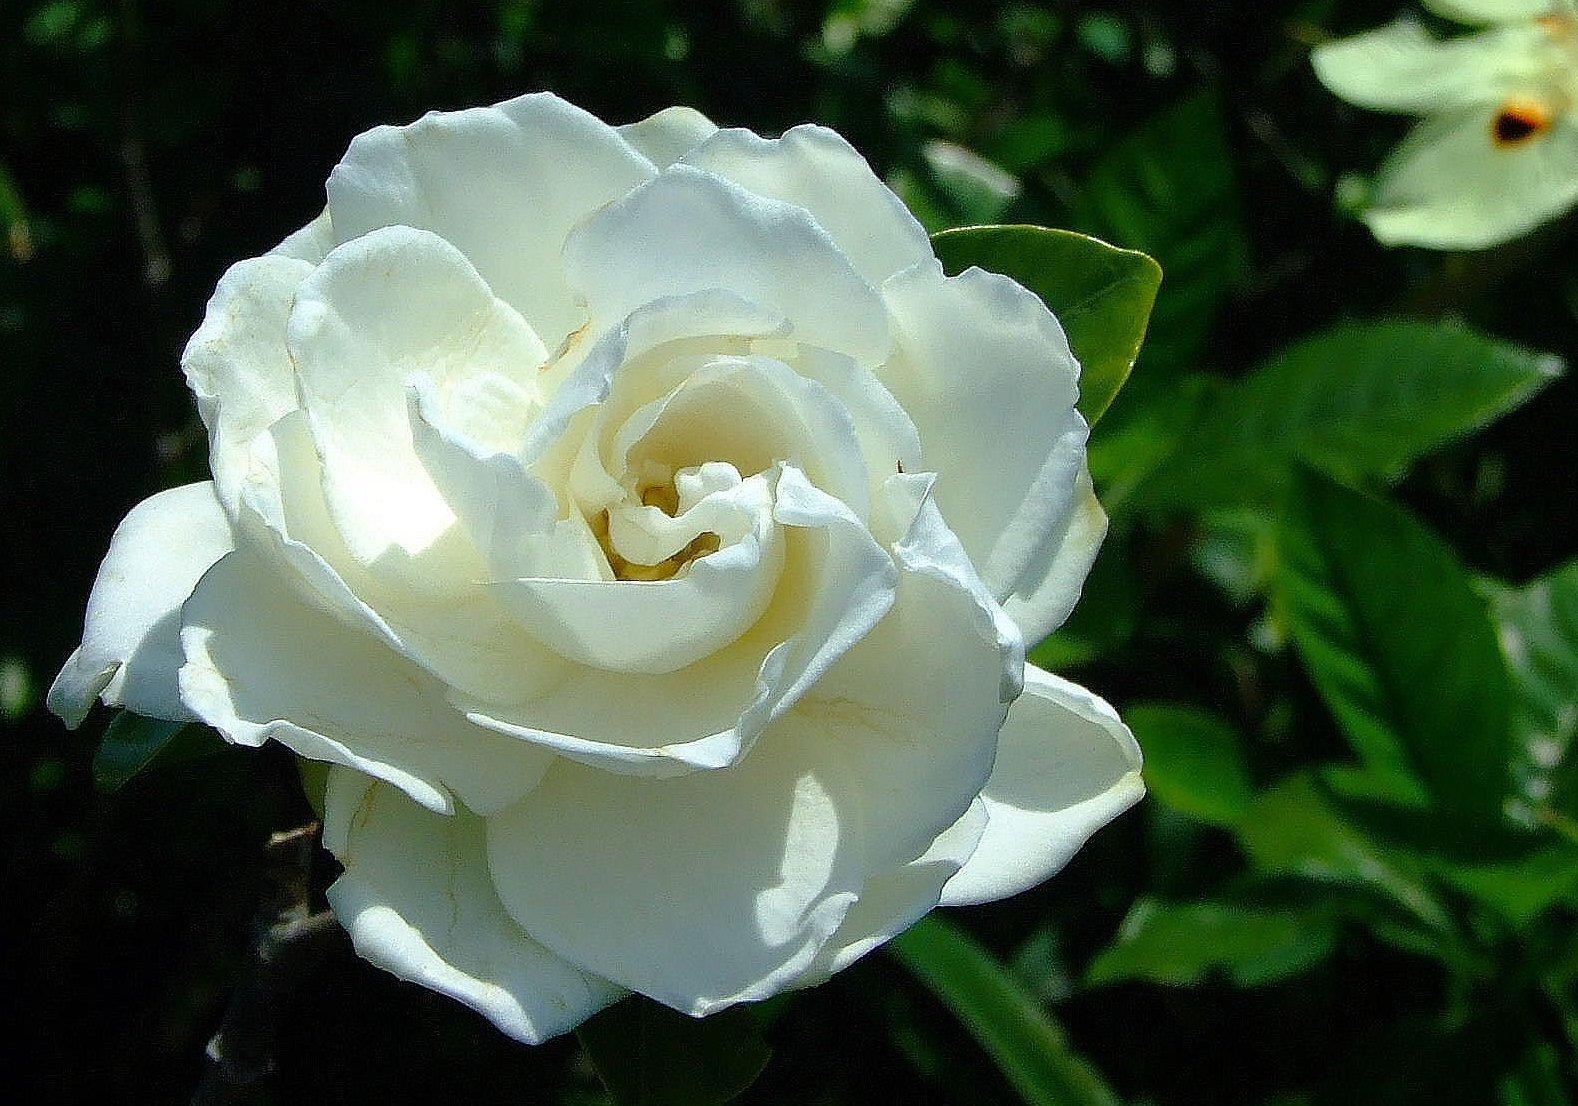 Gardenia image